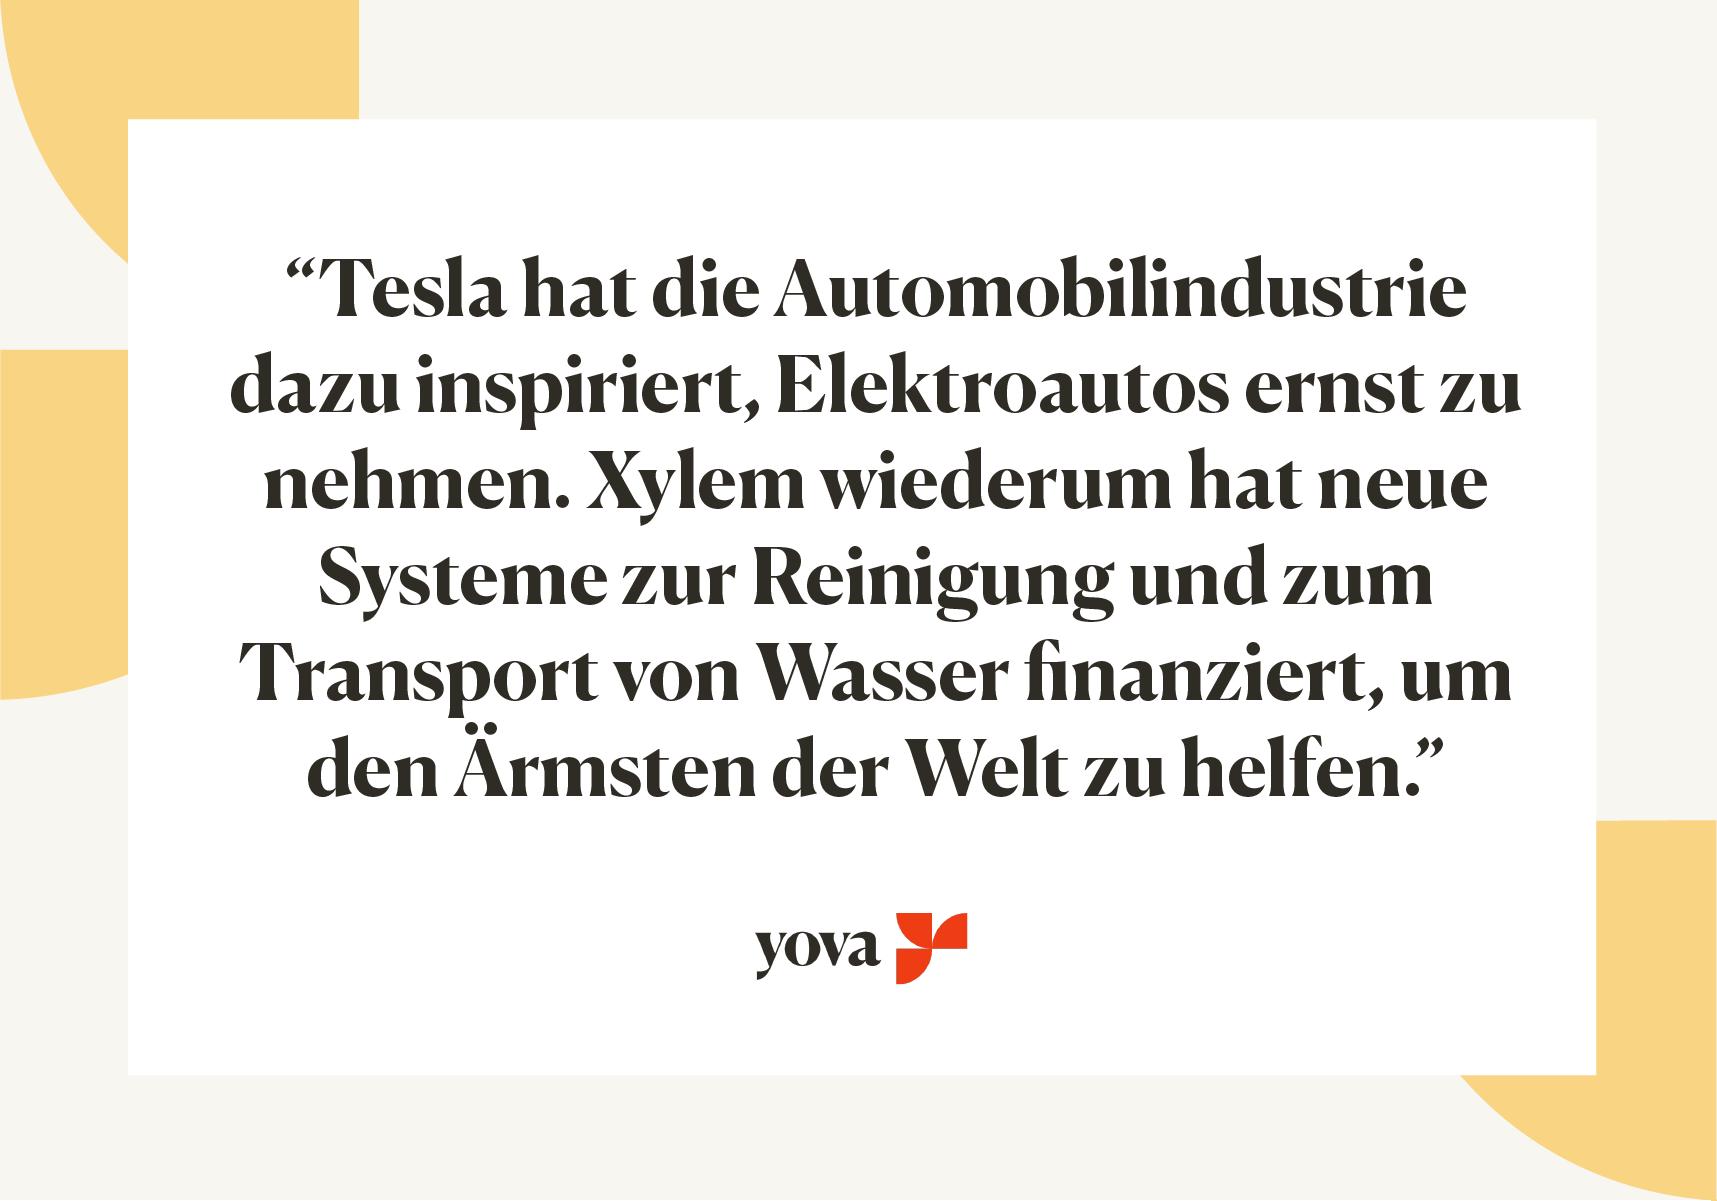 Zitat über Tesla und Xylem, wie sie ihre Industrie zu neuen Innovationen inspiriert haben